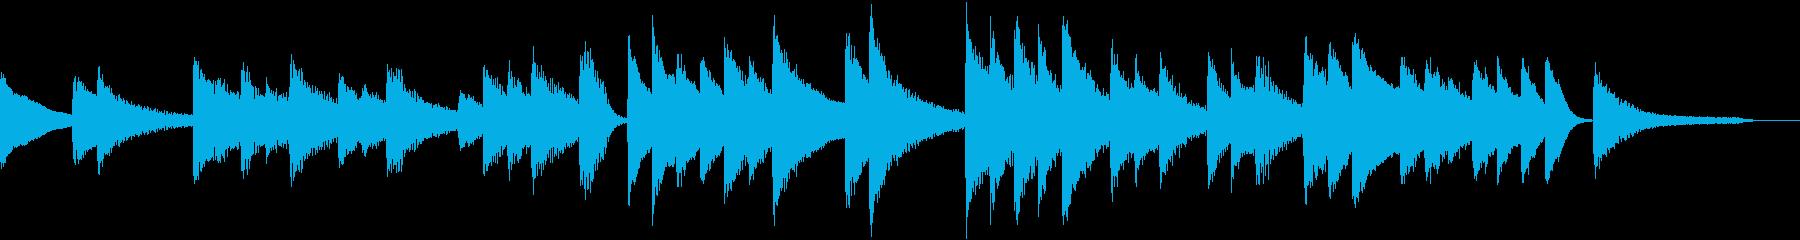 オリエンタルスケールのピアノジングルの再生済みの波形